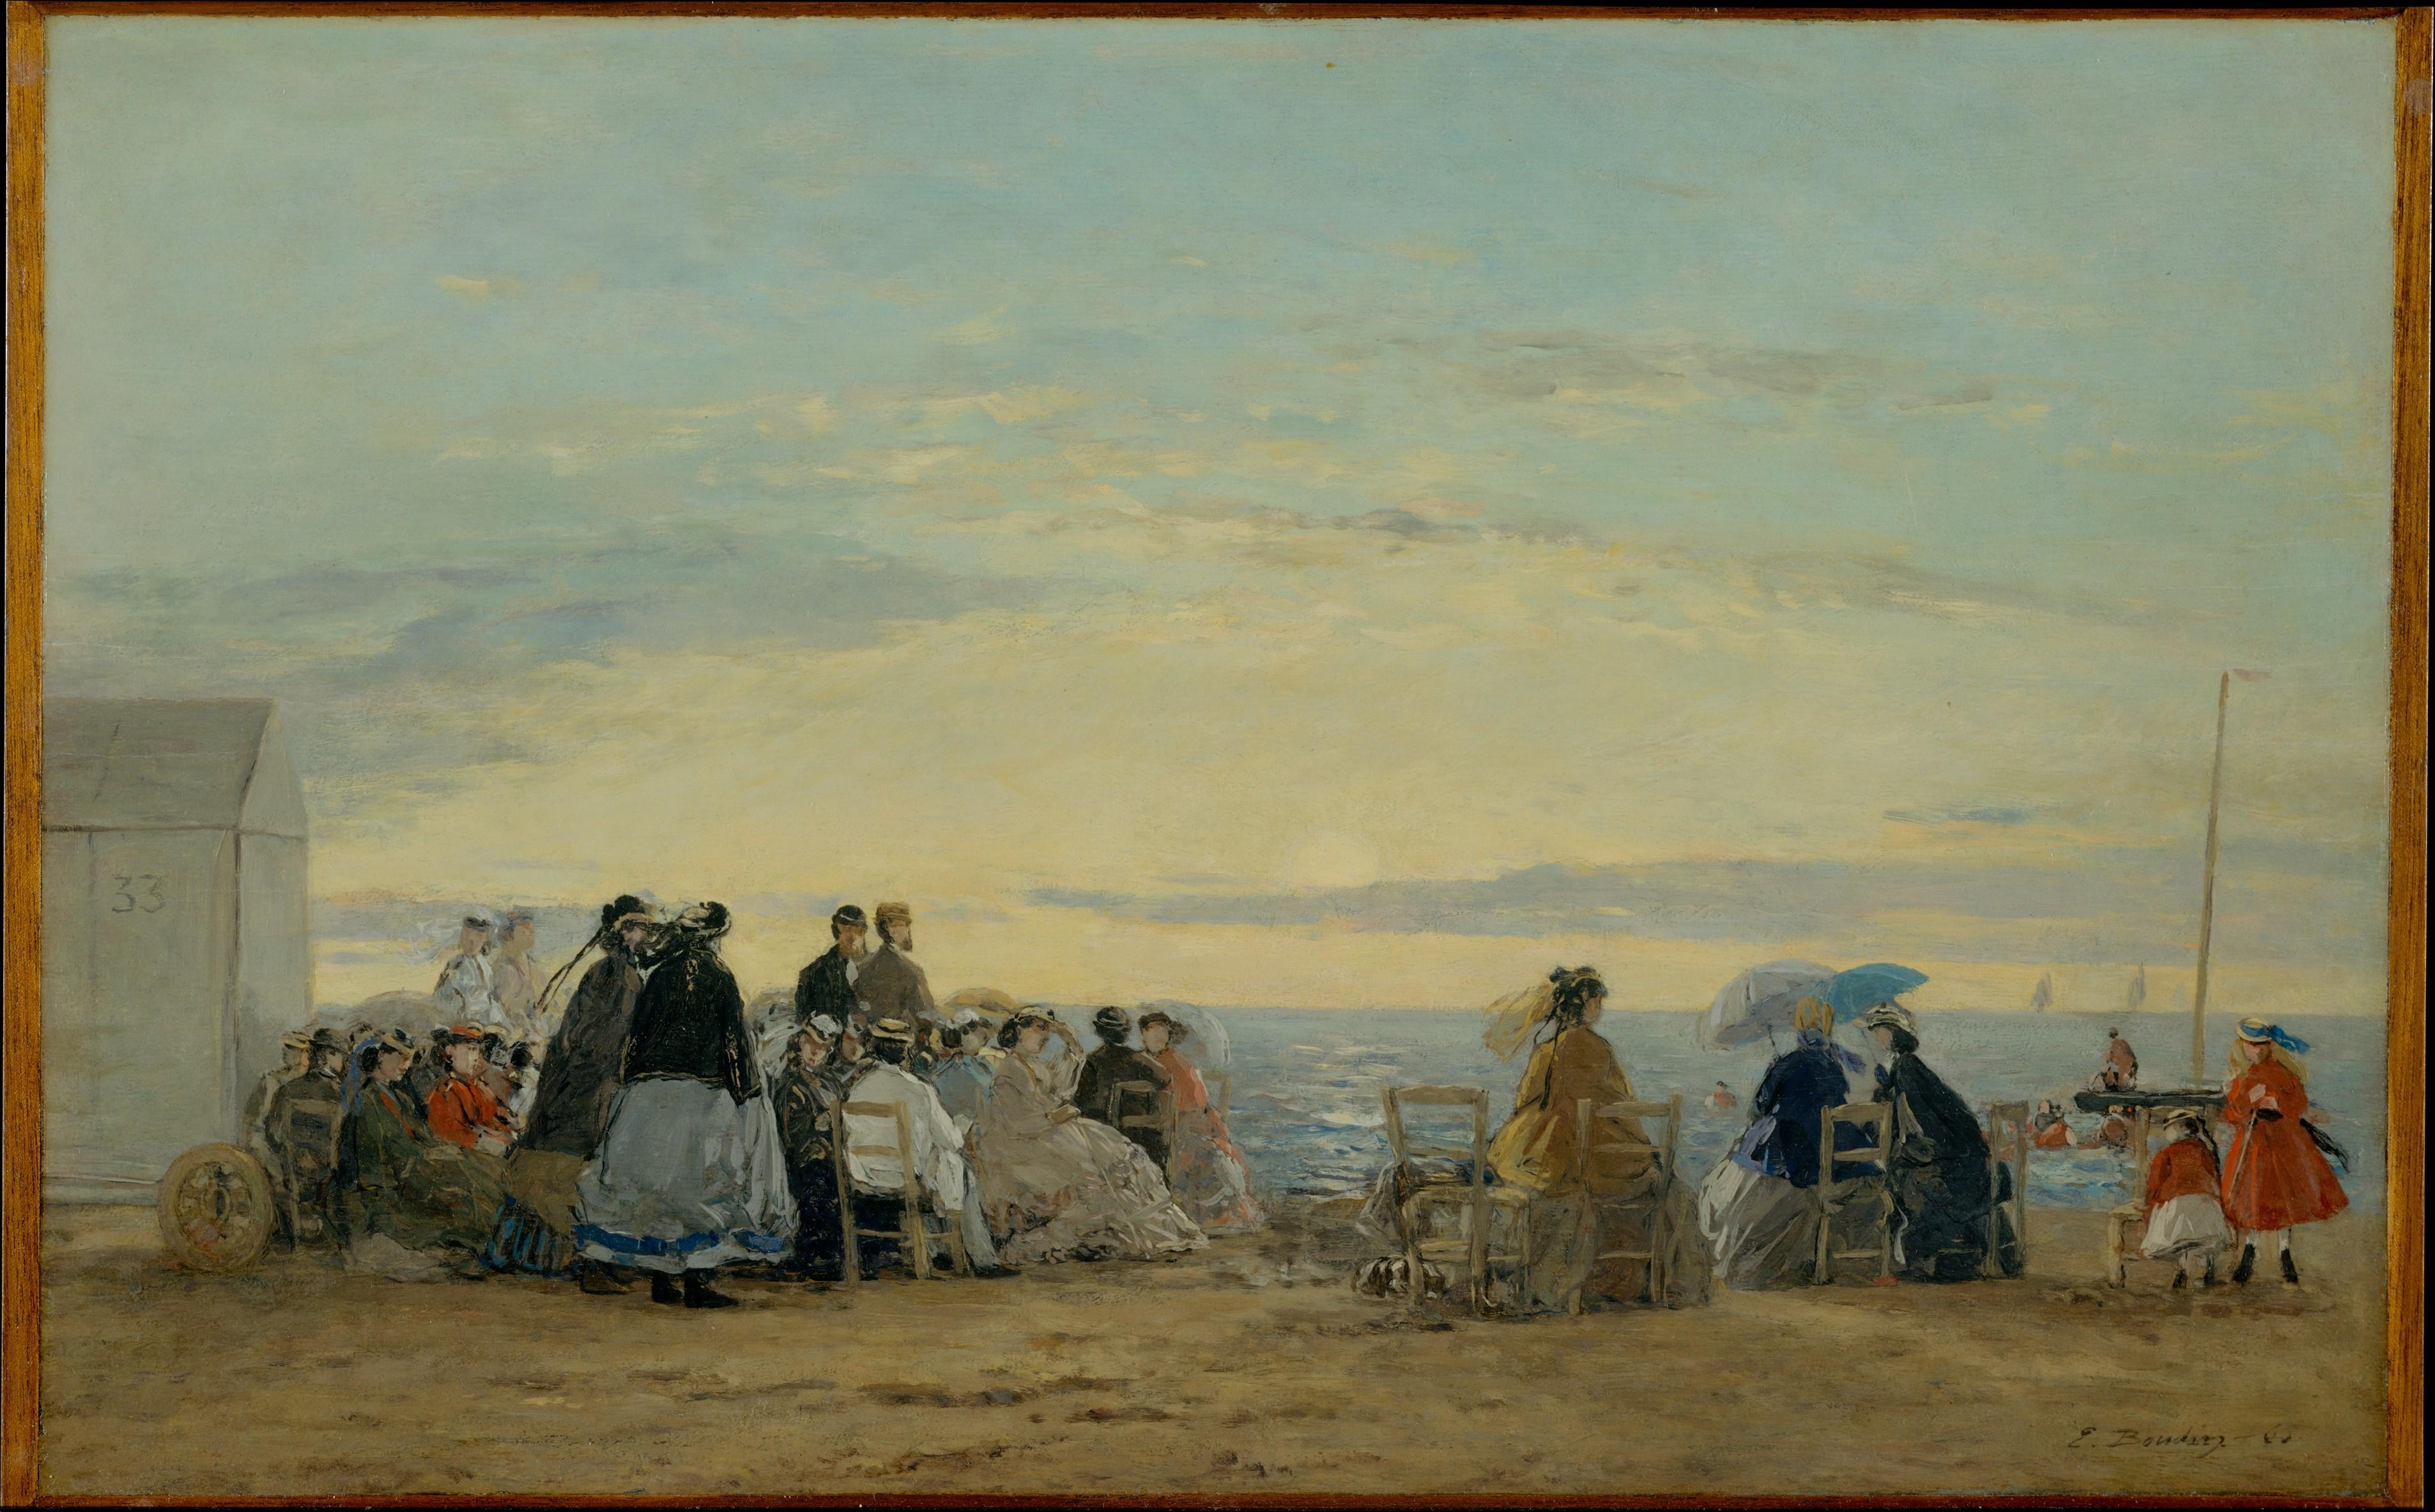 ウージェーヌ・ブーダン《夕暮れの浜辺》1865年(米、メトロポリタン美術館)